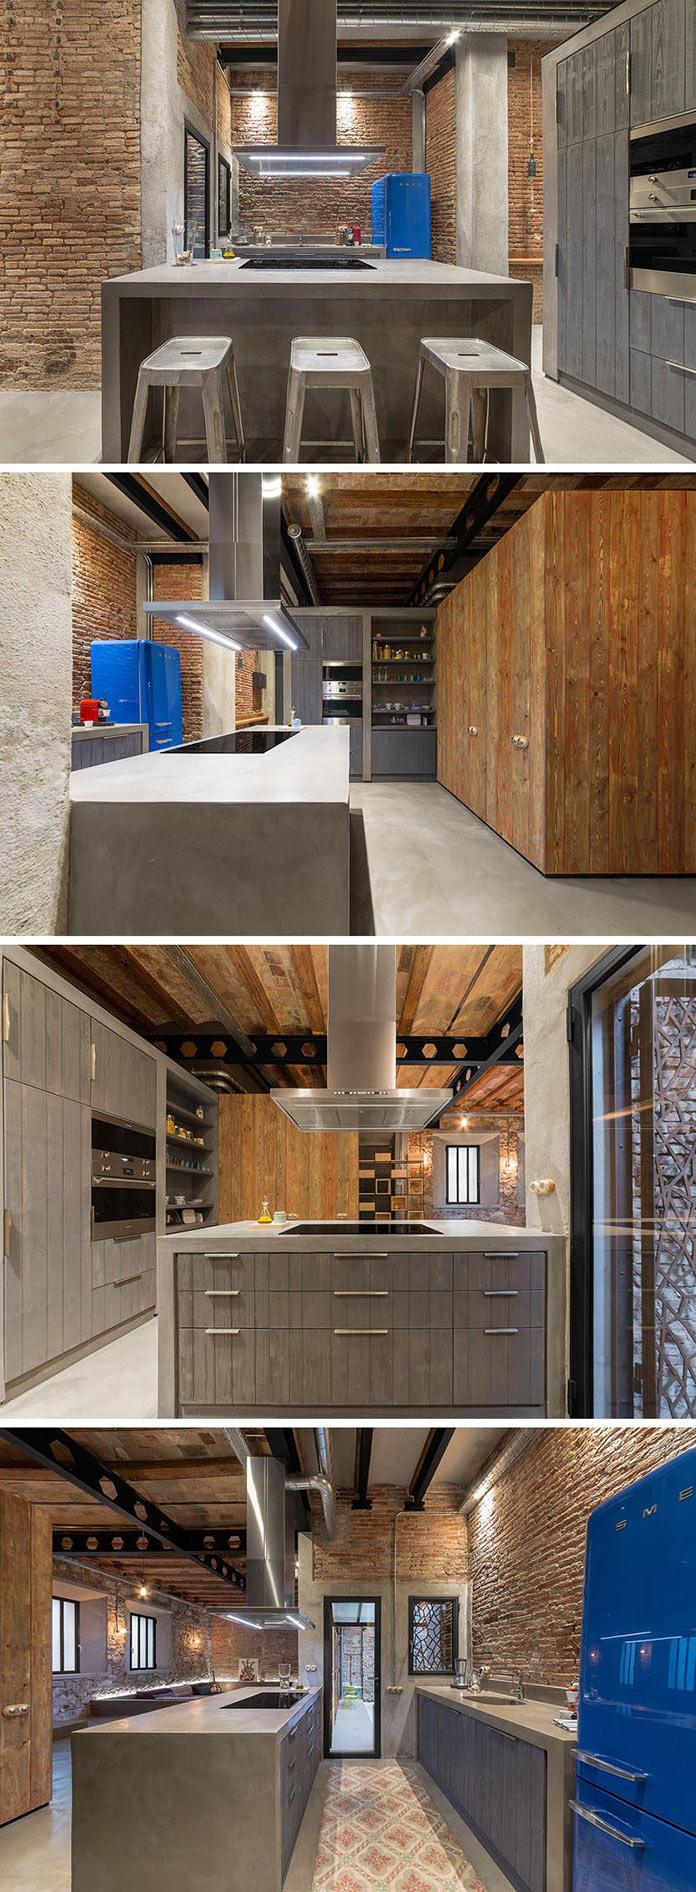 Кухня с островом из комбинации бетона и дерева. Переделка квартиры из столярной мастерской